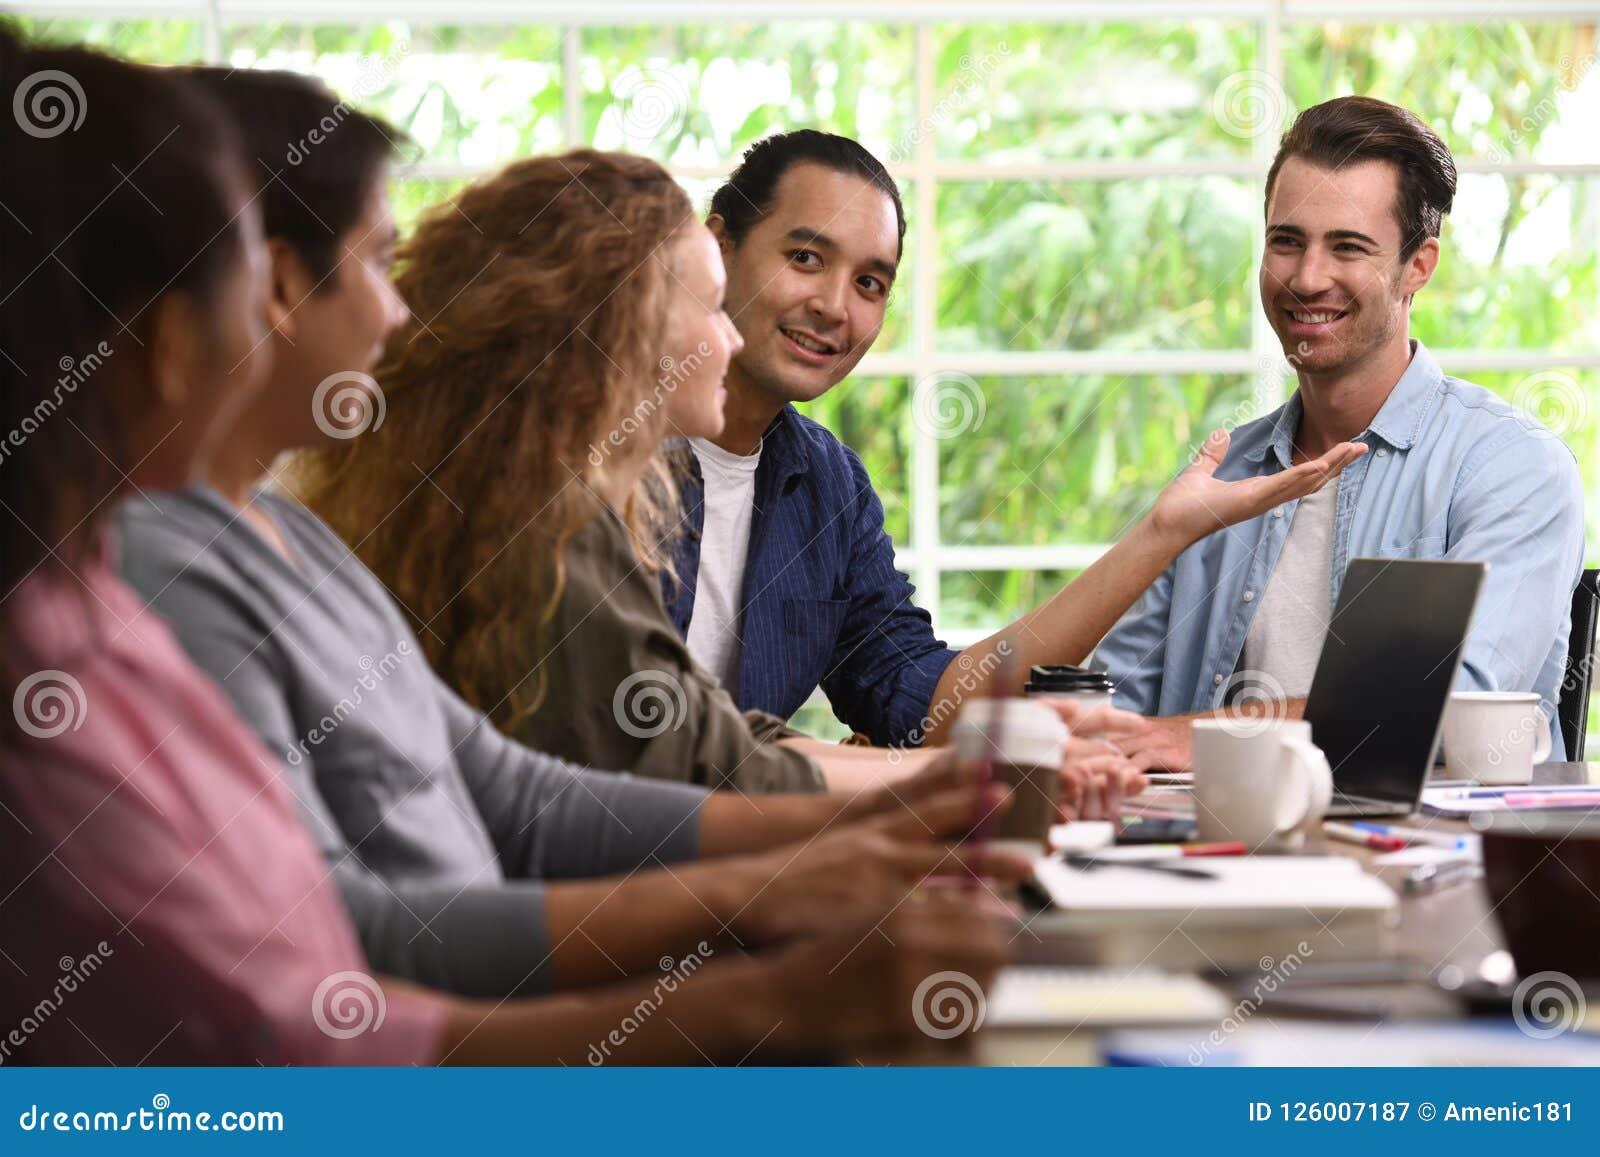 Groep bedrijfspersonen in creatieve zaken die het werk in het bureau bespreken